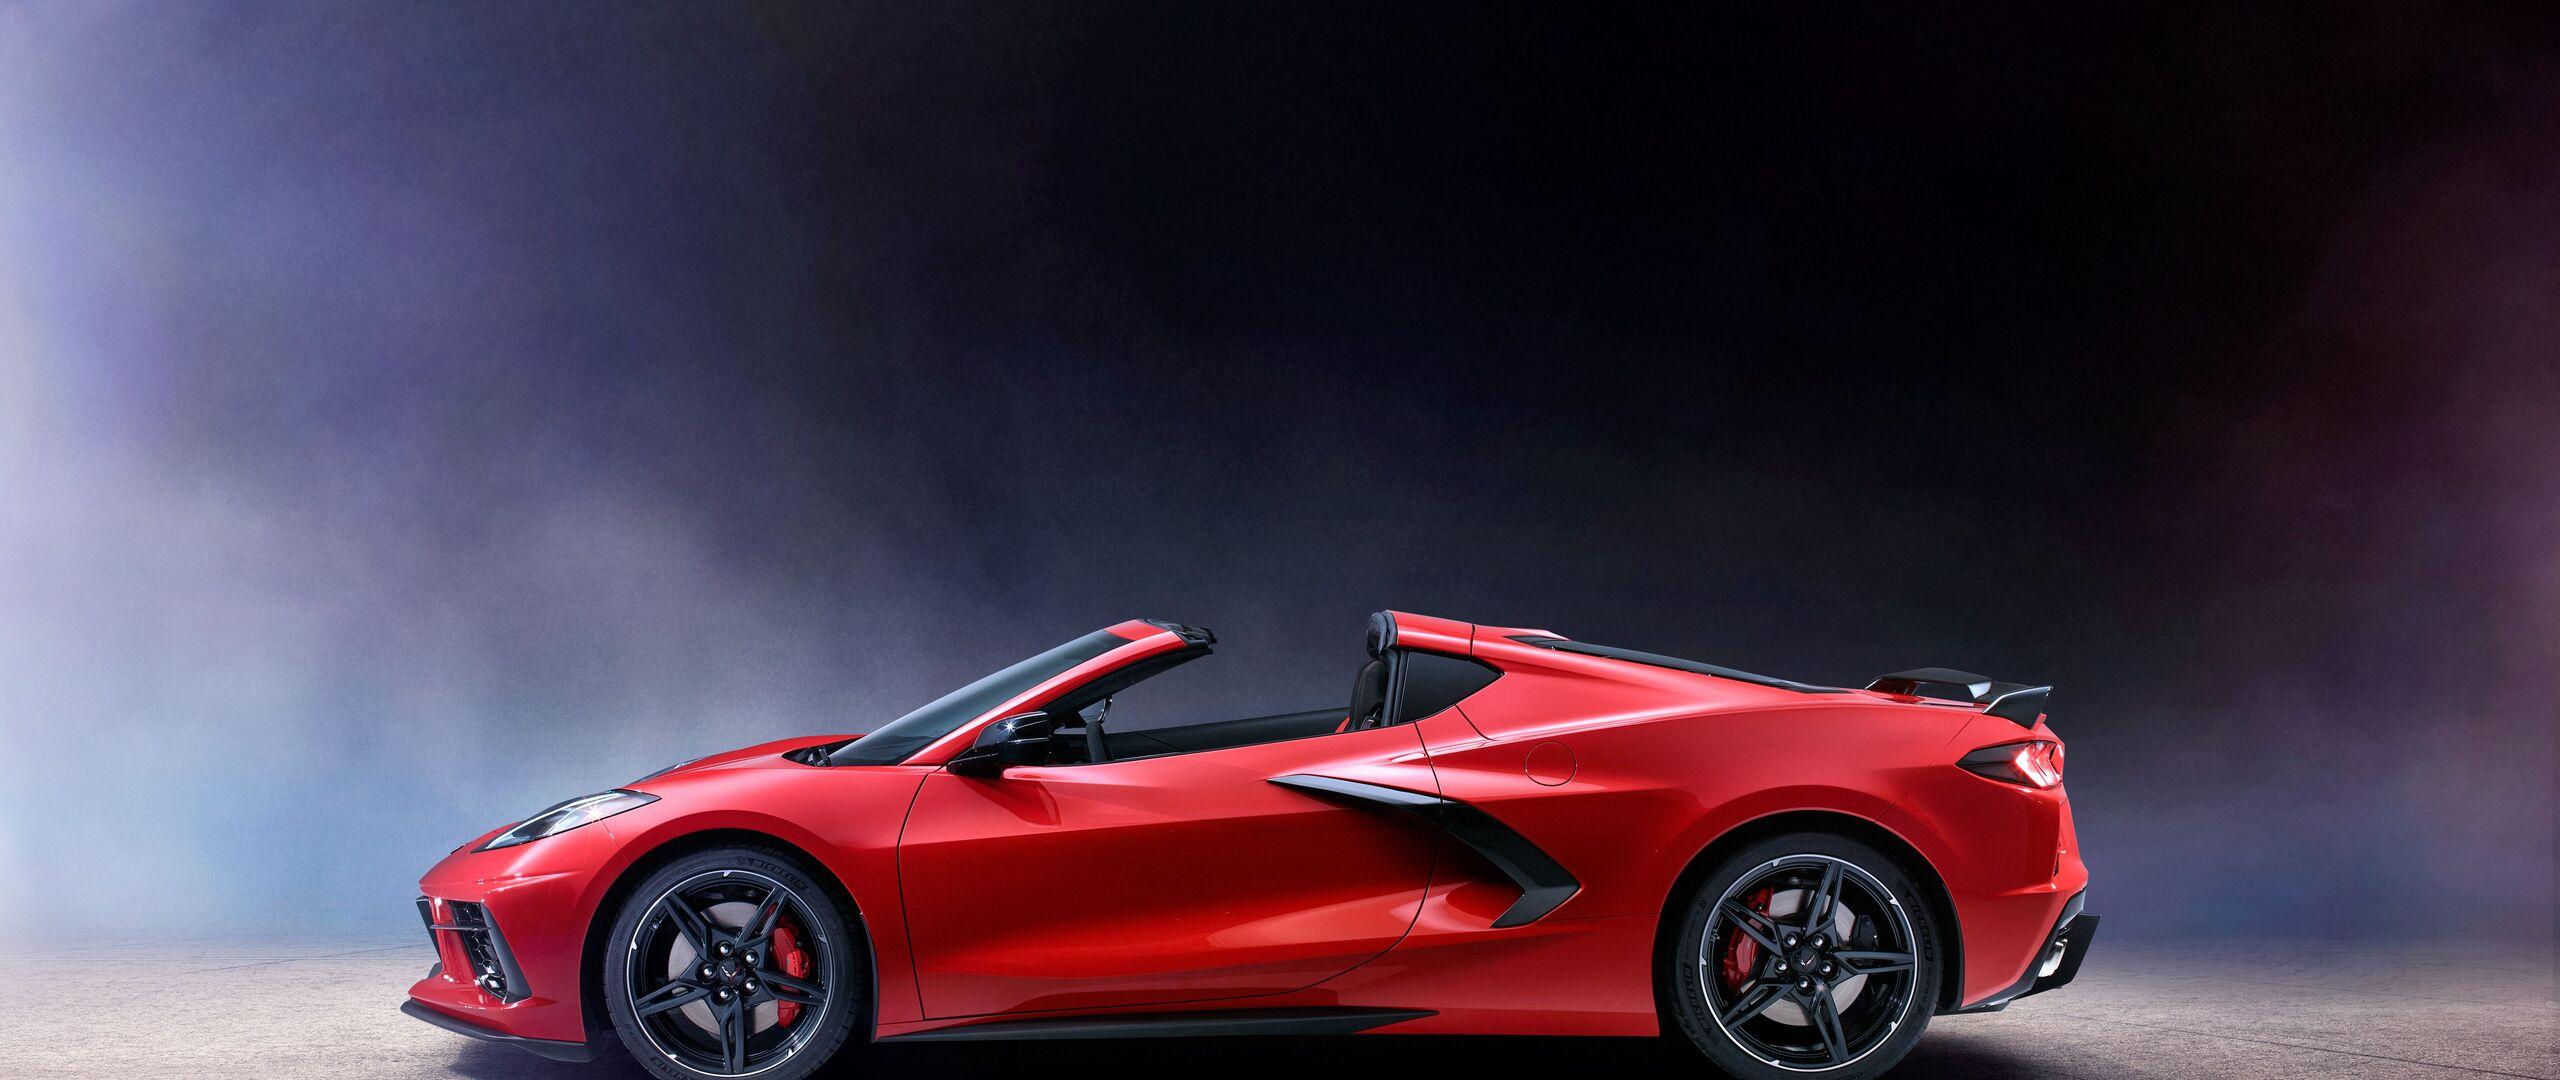 2020-chevrolet-corvette-stingray-c8-new-xf.jpg